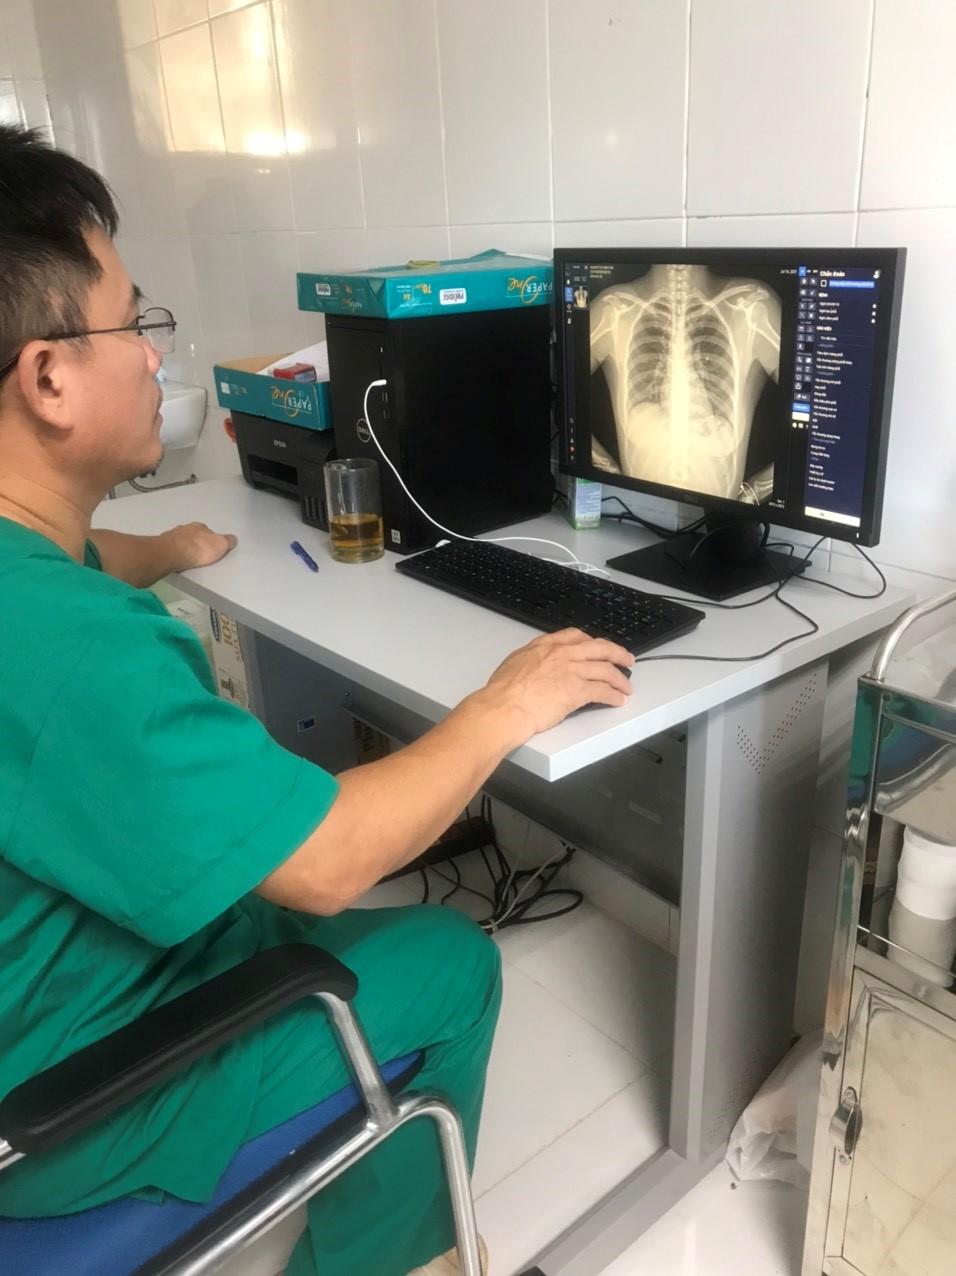 Bác sĩ tại Bệnh viện dã chiến Kỳ Anh sử dụng DrAid để theo dõi điều trị cho bệnh nhân COVID-19 - Ảnh: Vingroup